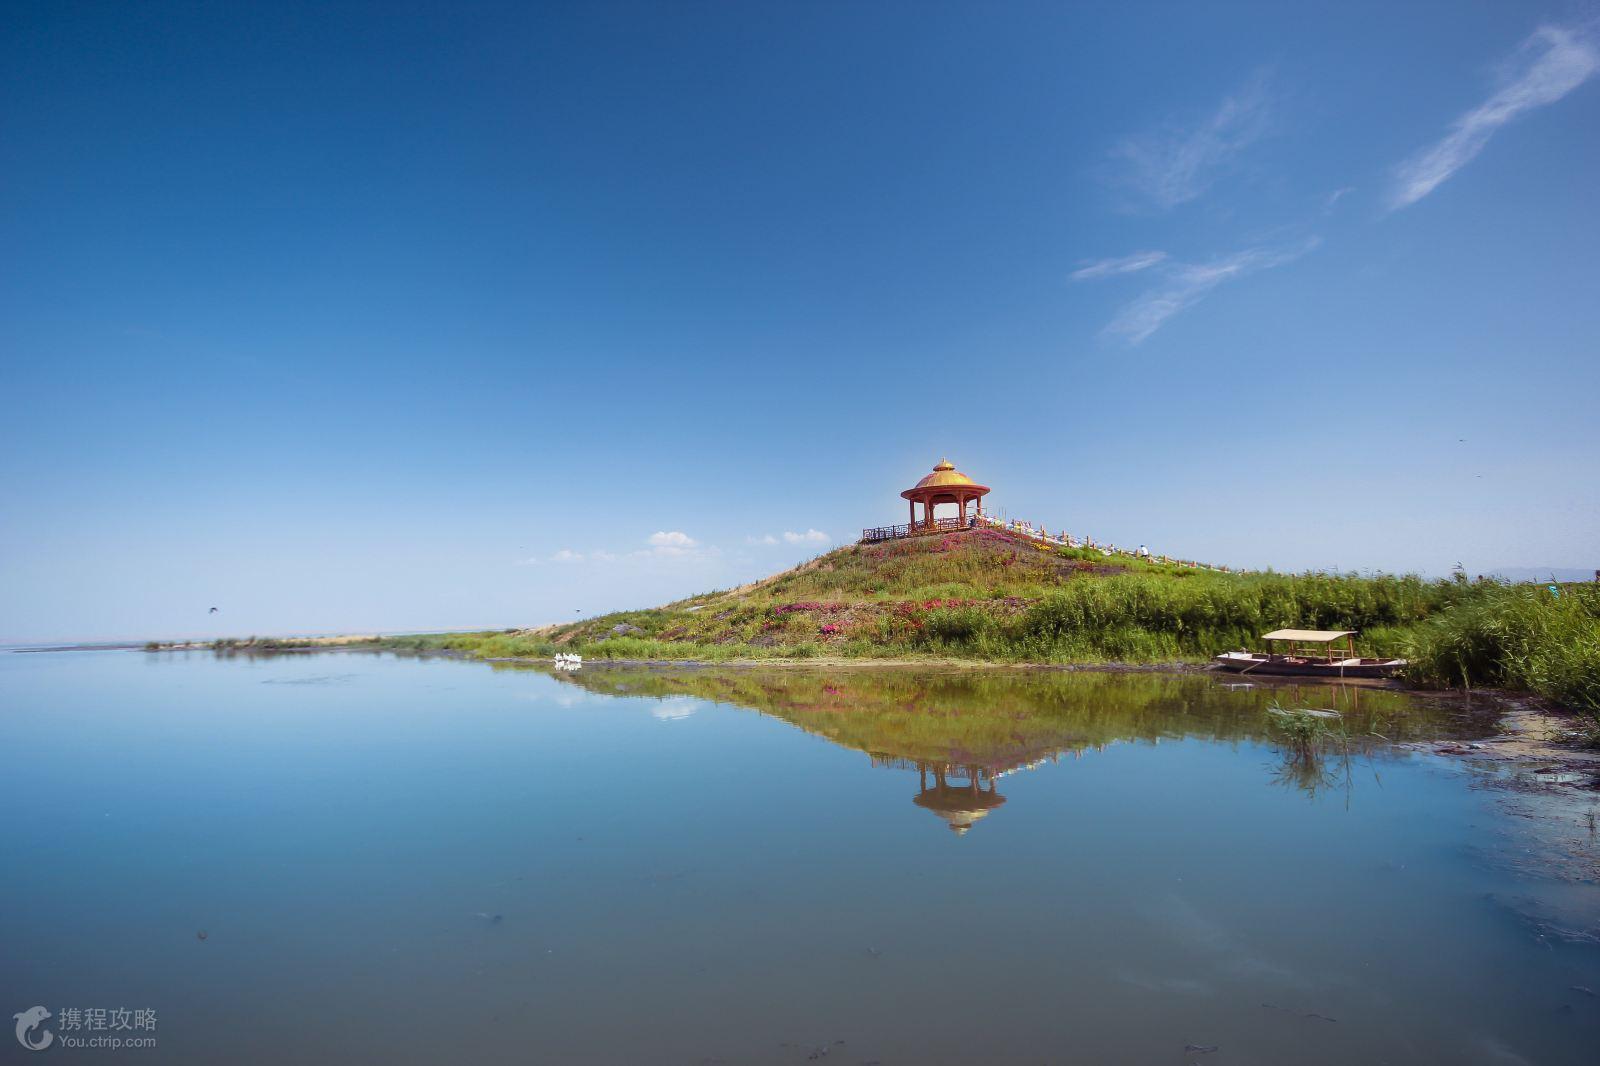 伊犁河风景区旅游区